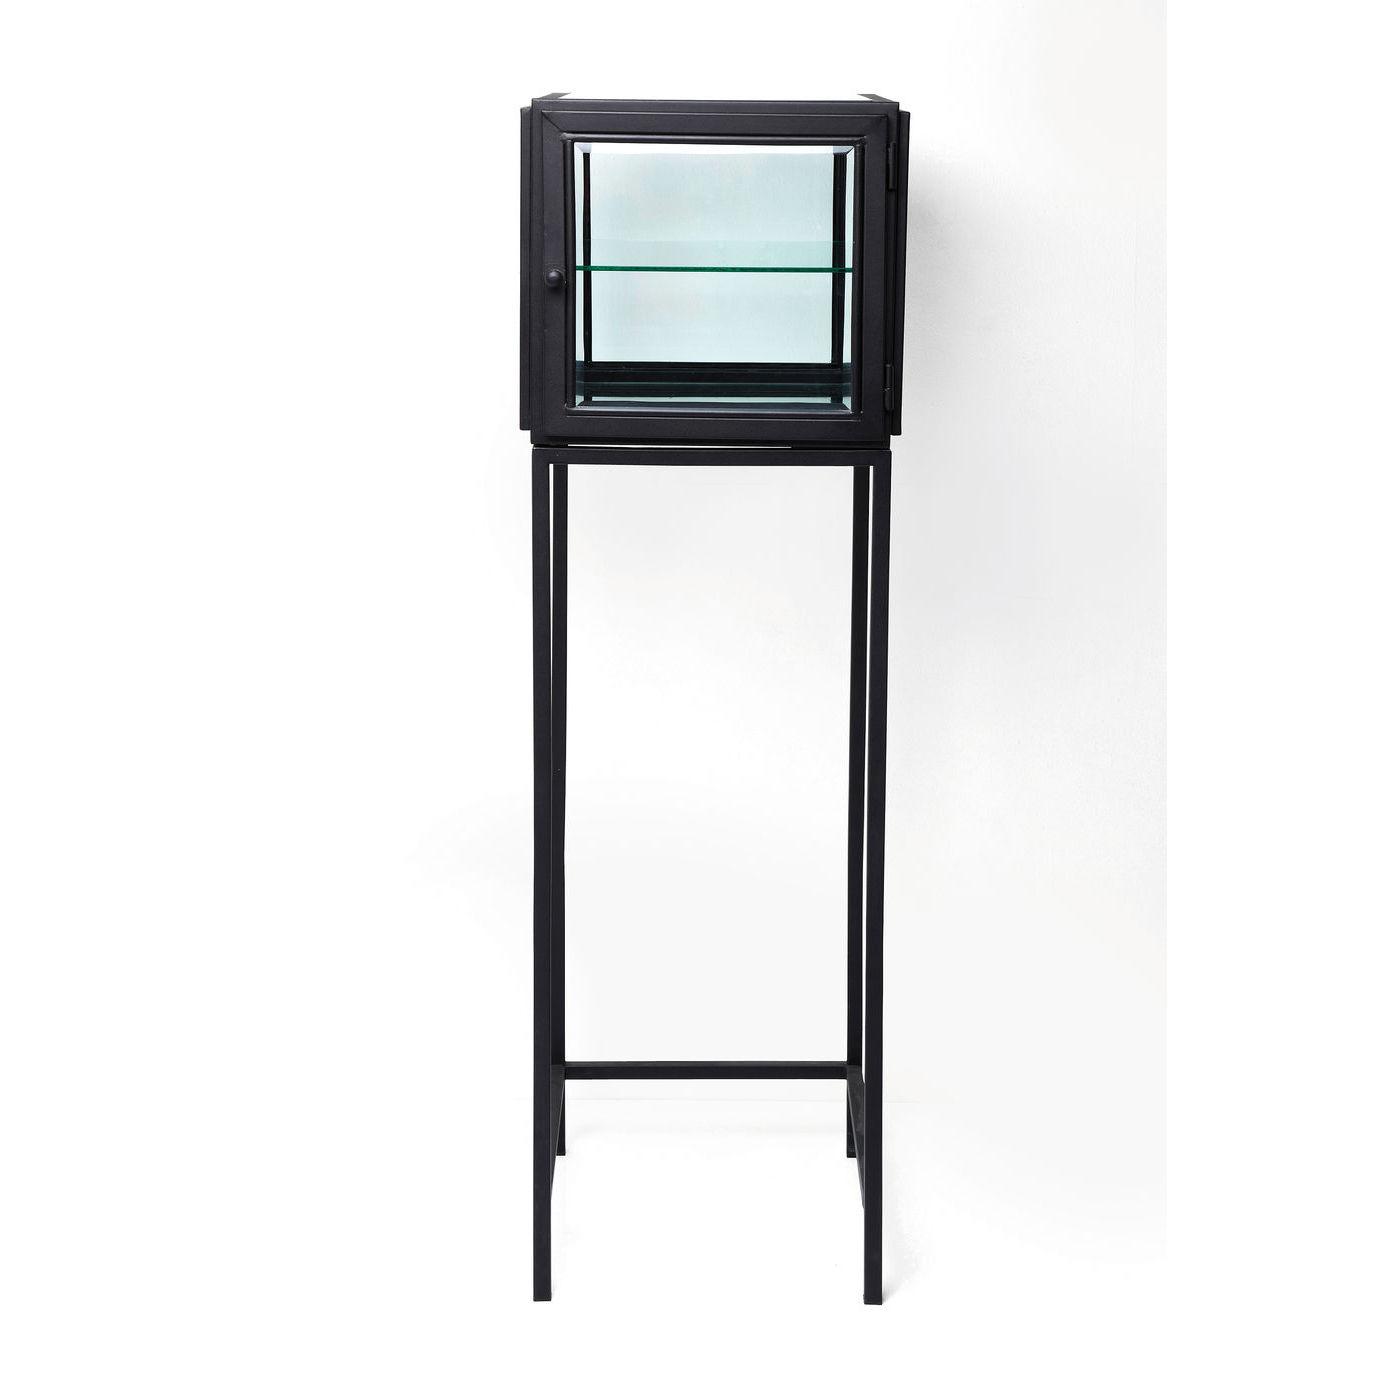 Billede af Display kabinet